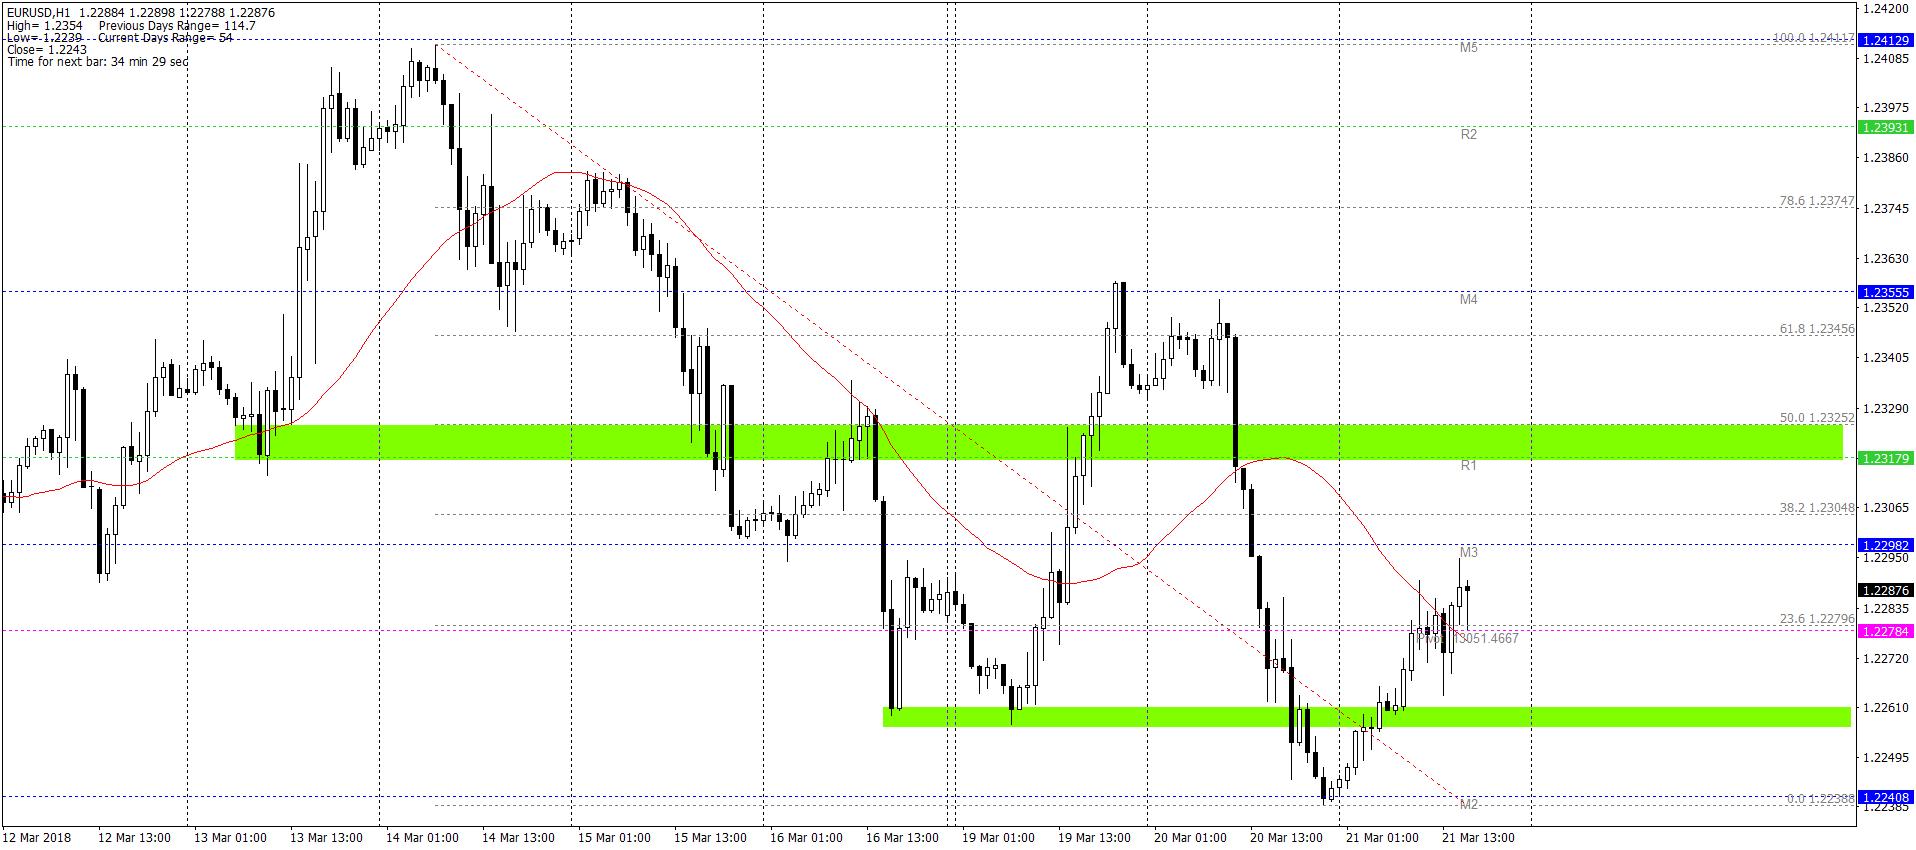 Wskazówki dla traderów w opcjach binarnych